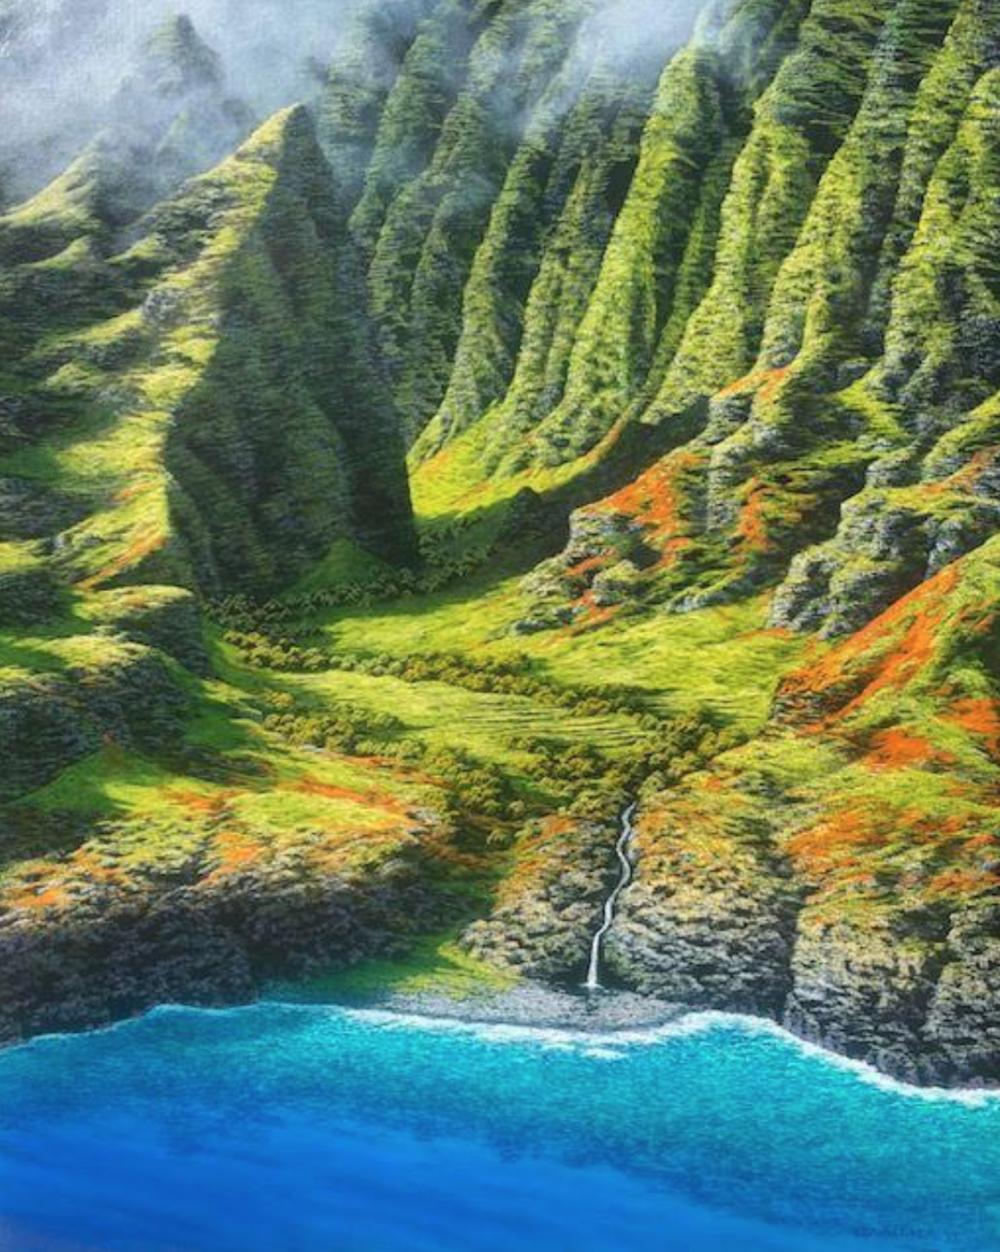 Nualolo Valley, Kauai by Harry Wishard